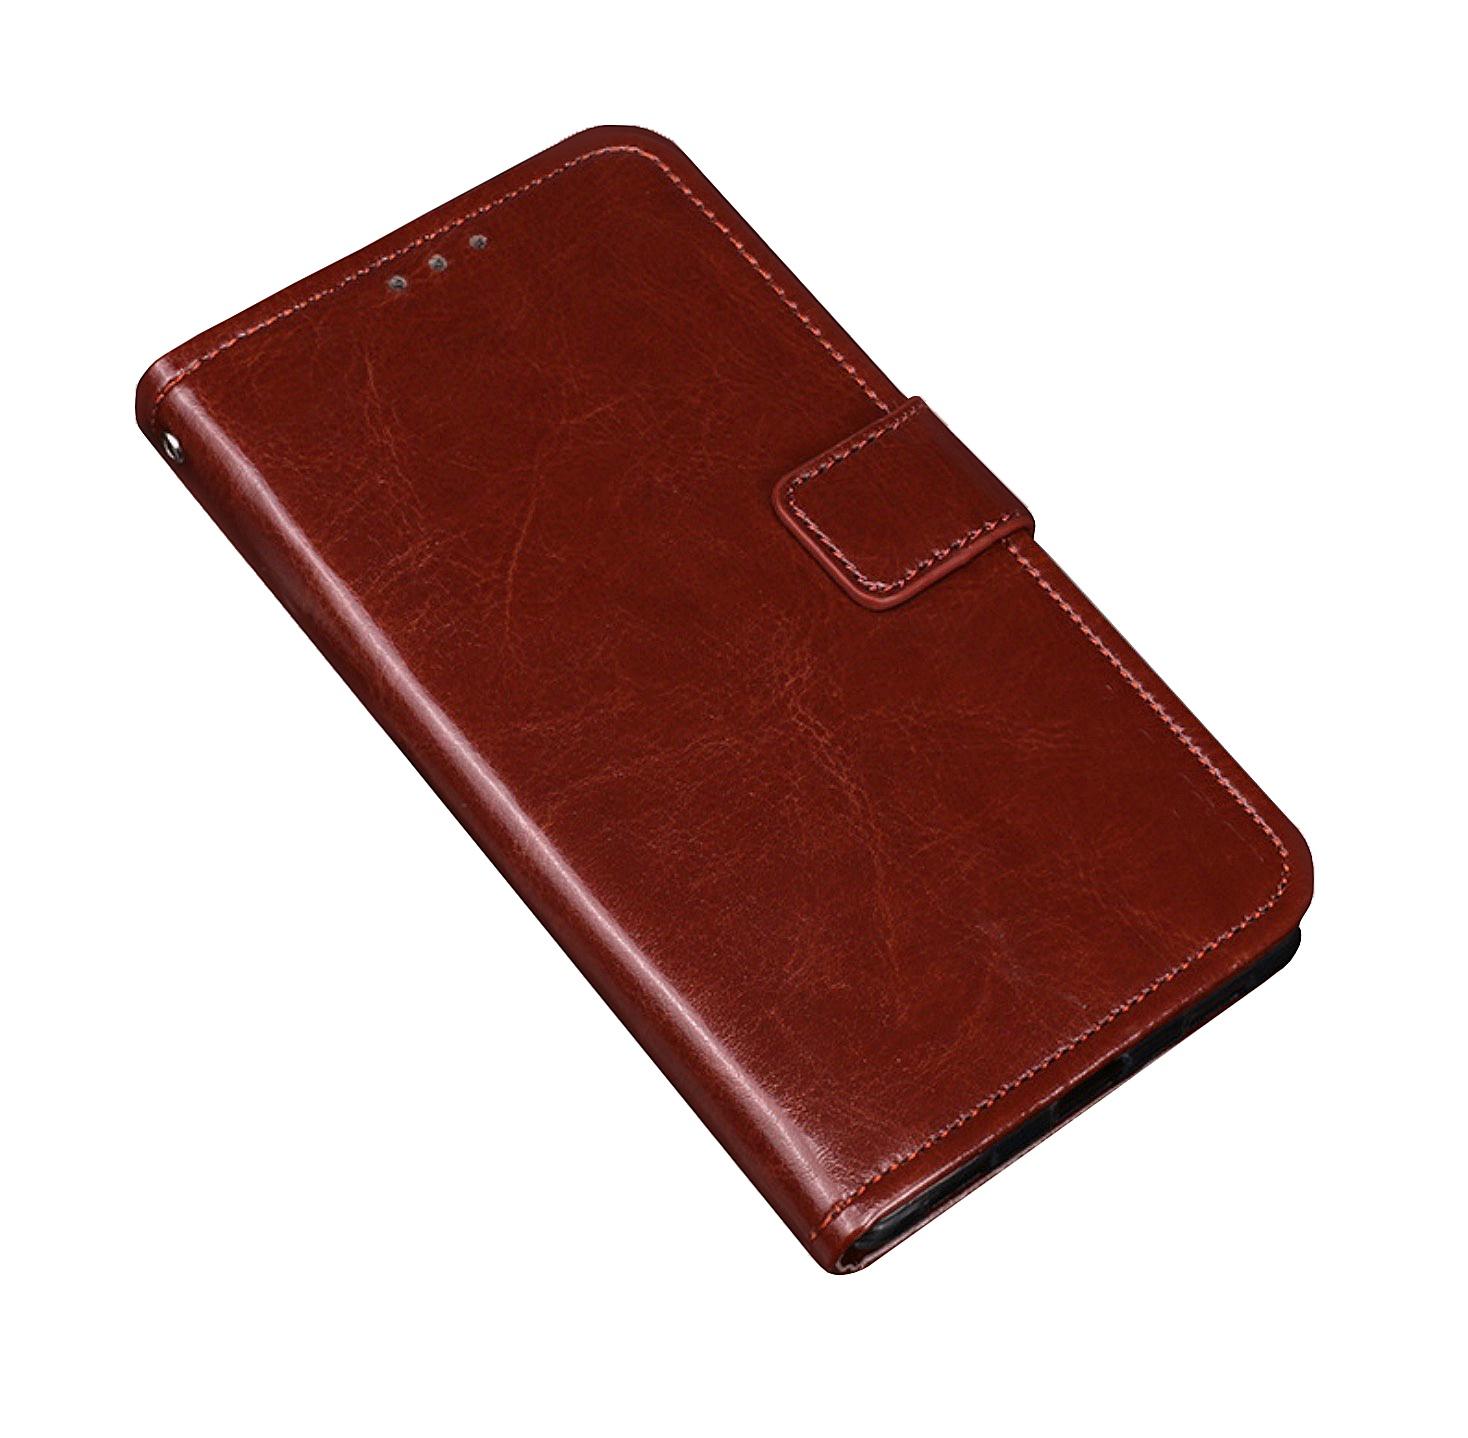 Фирменный чехол-книжка из качественной импортной кожи с мульти-подставкой застёжкой и визитницей для Alcatel 5V 5060D коричневый MyPads